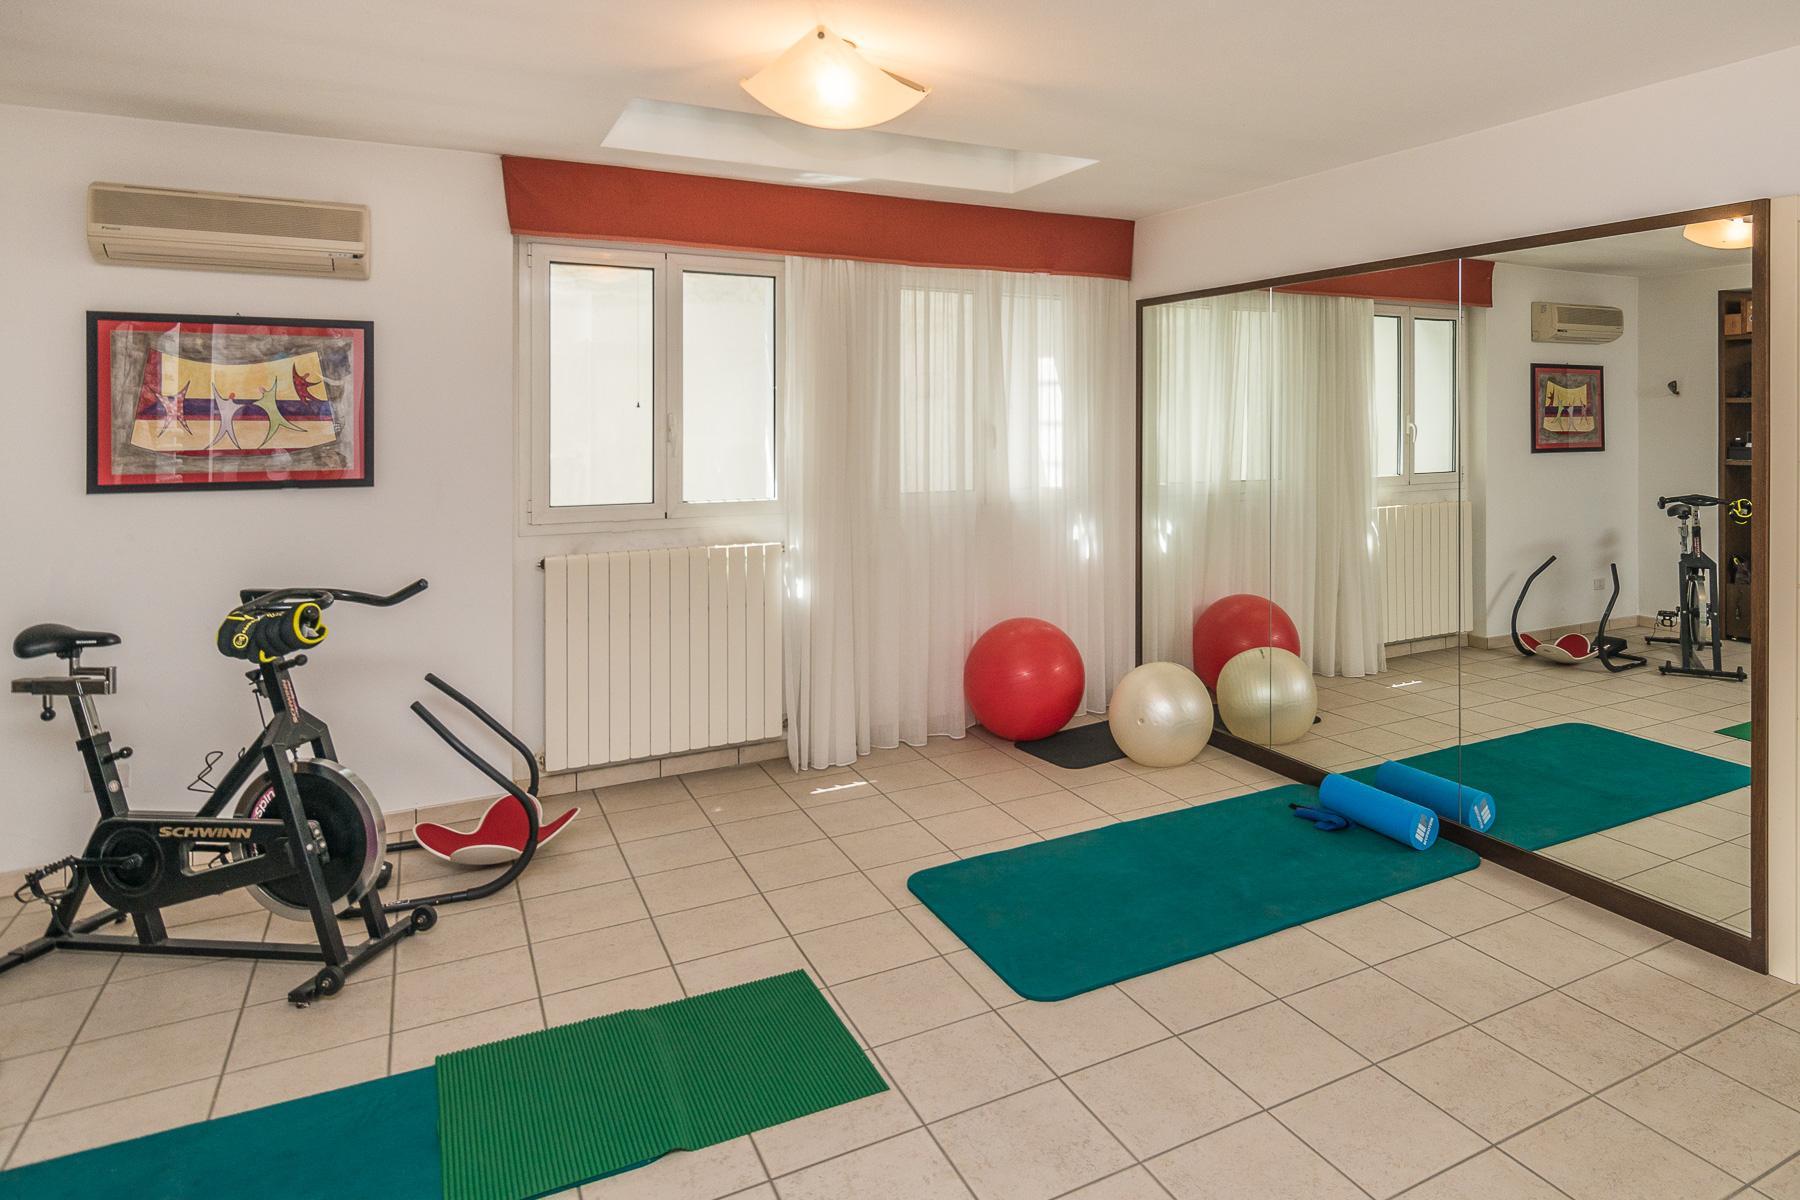 Golf Club de Castelconturbia, maison individuelle de 300 m² avec jardin de 1500 m² et jacuzzi - 24